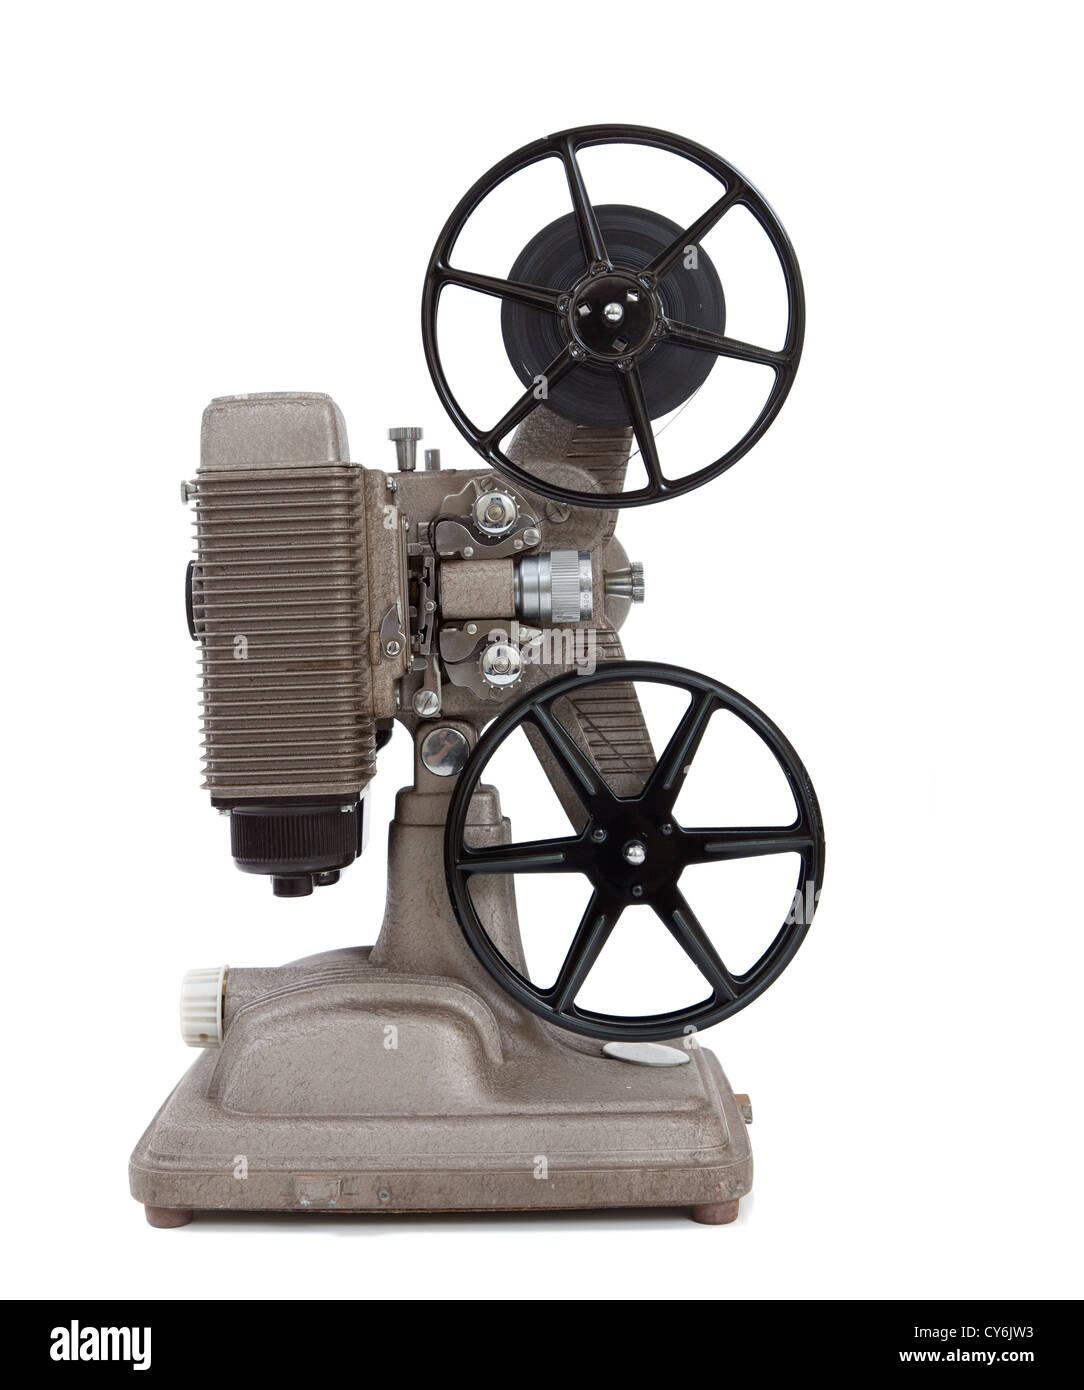 Un vintage 8mm proyector de películas sobre un fondo blanco. Imagen De Stock